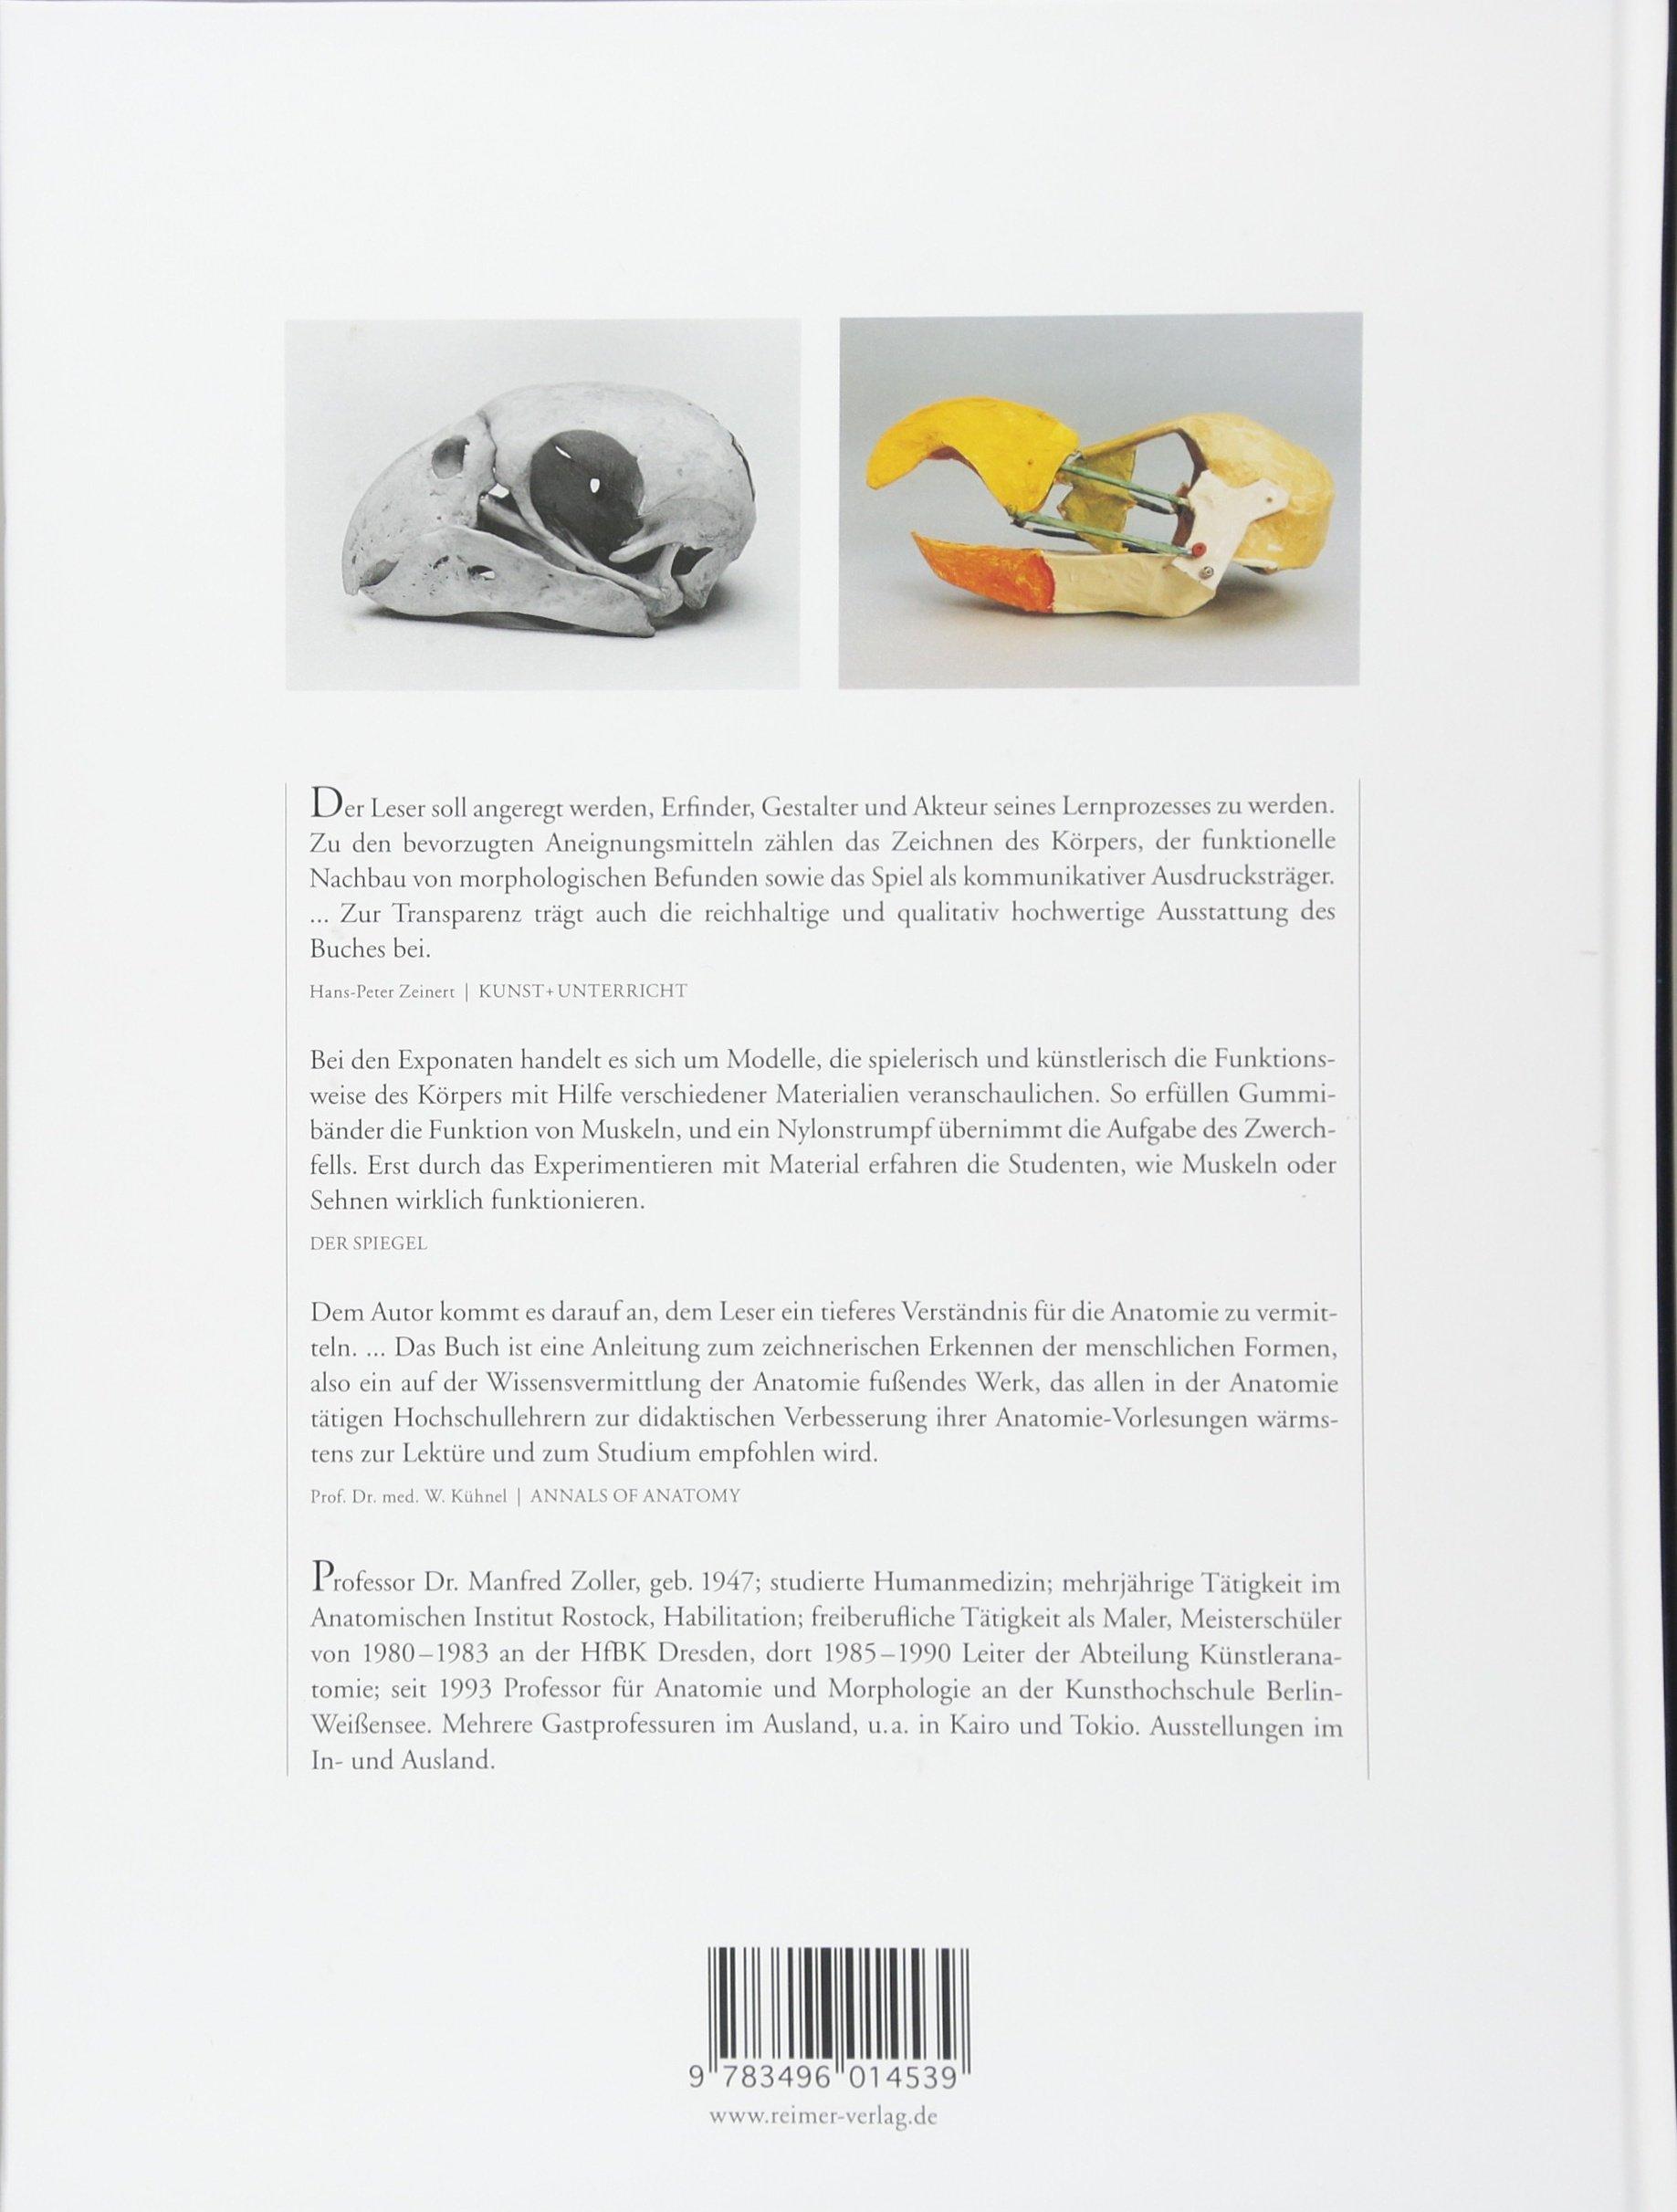 Gestalt und Anatomie: Ein Leitfaden für den bildnerischen Weg ...